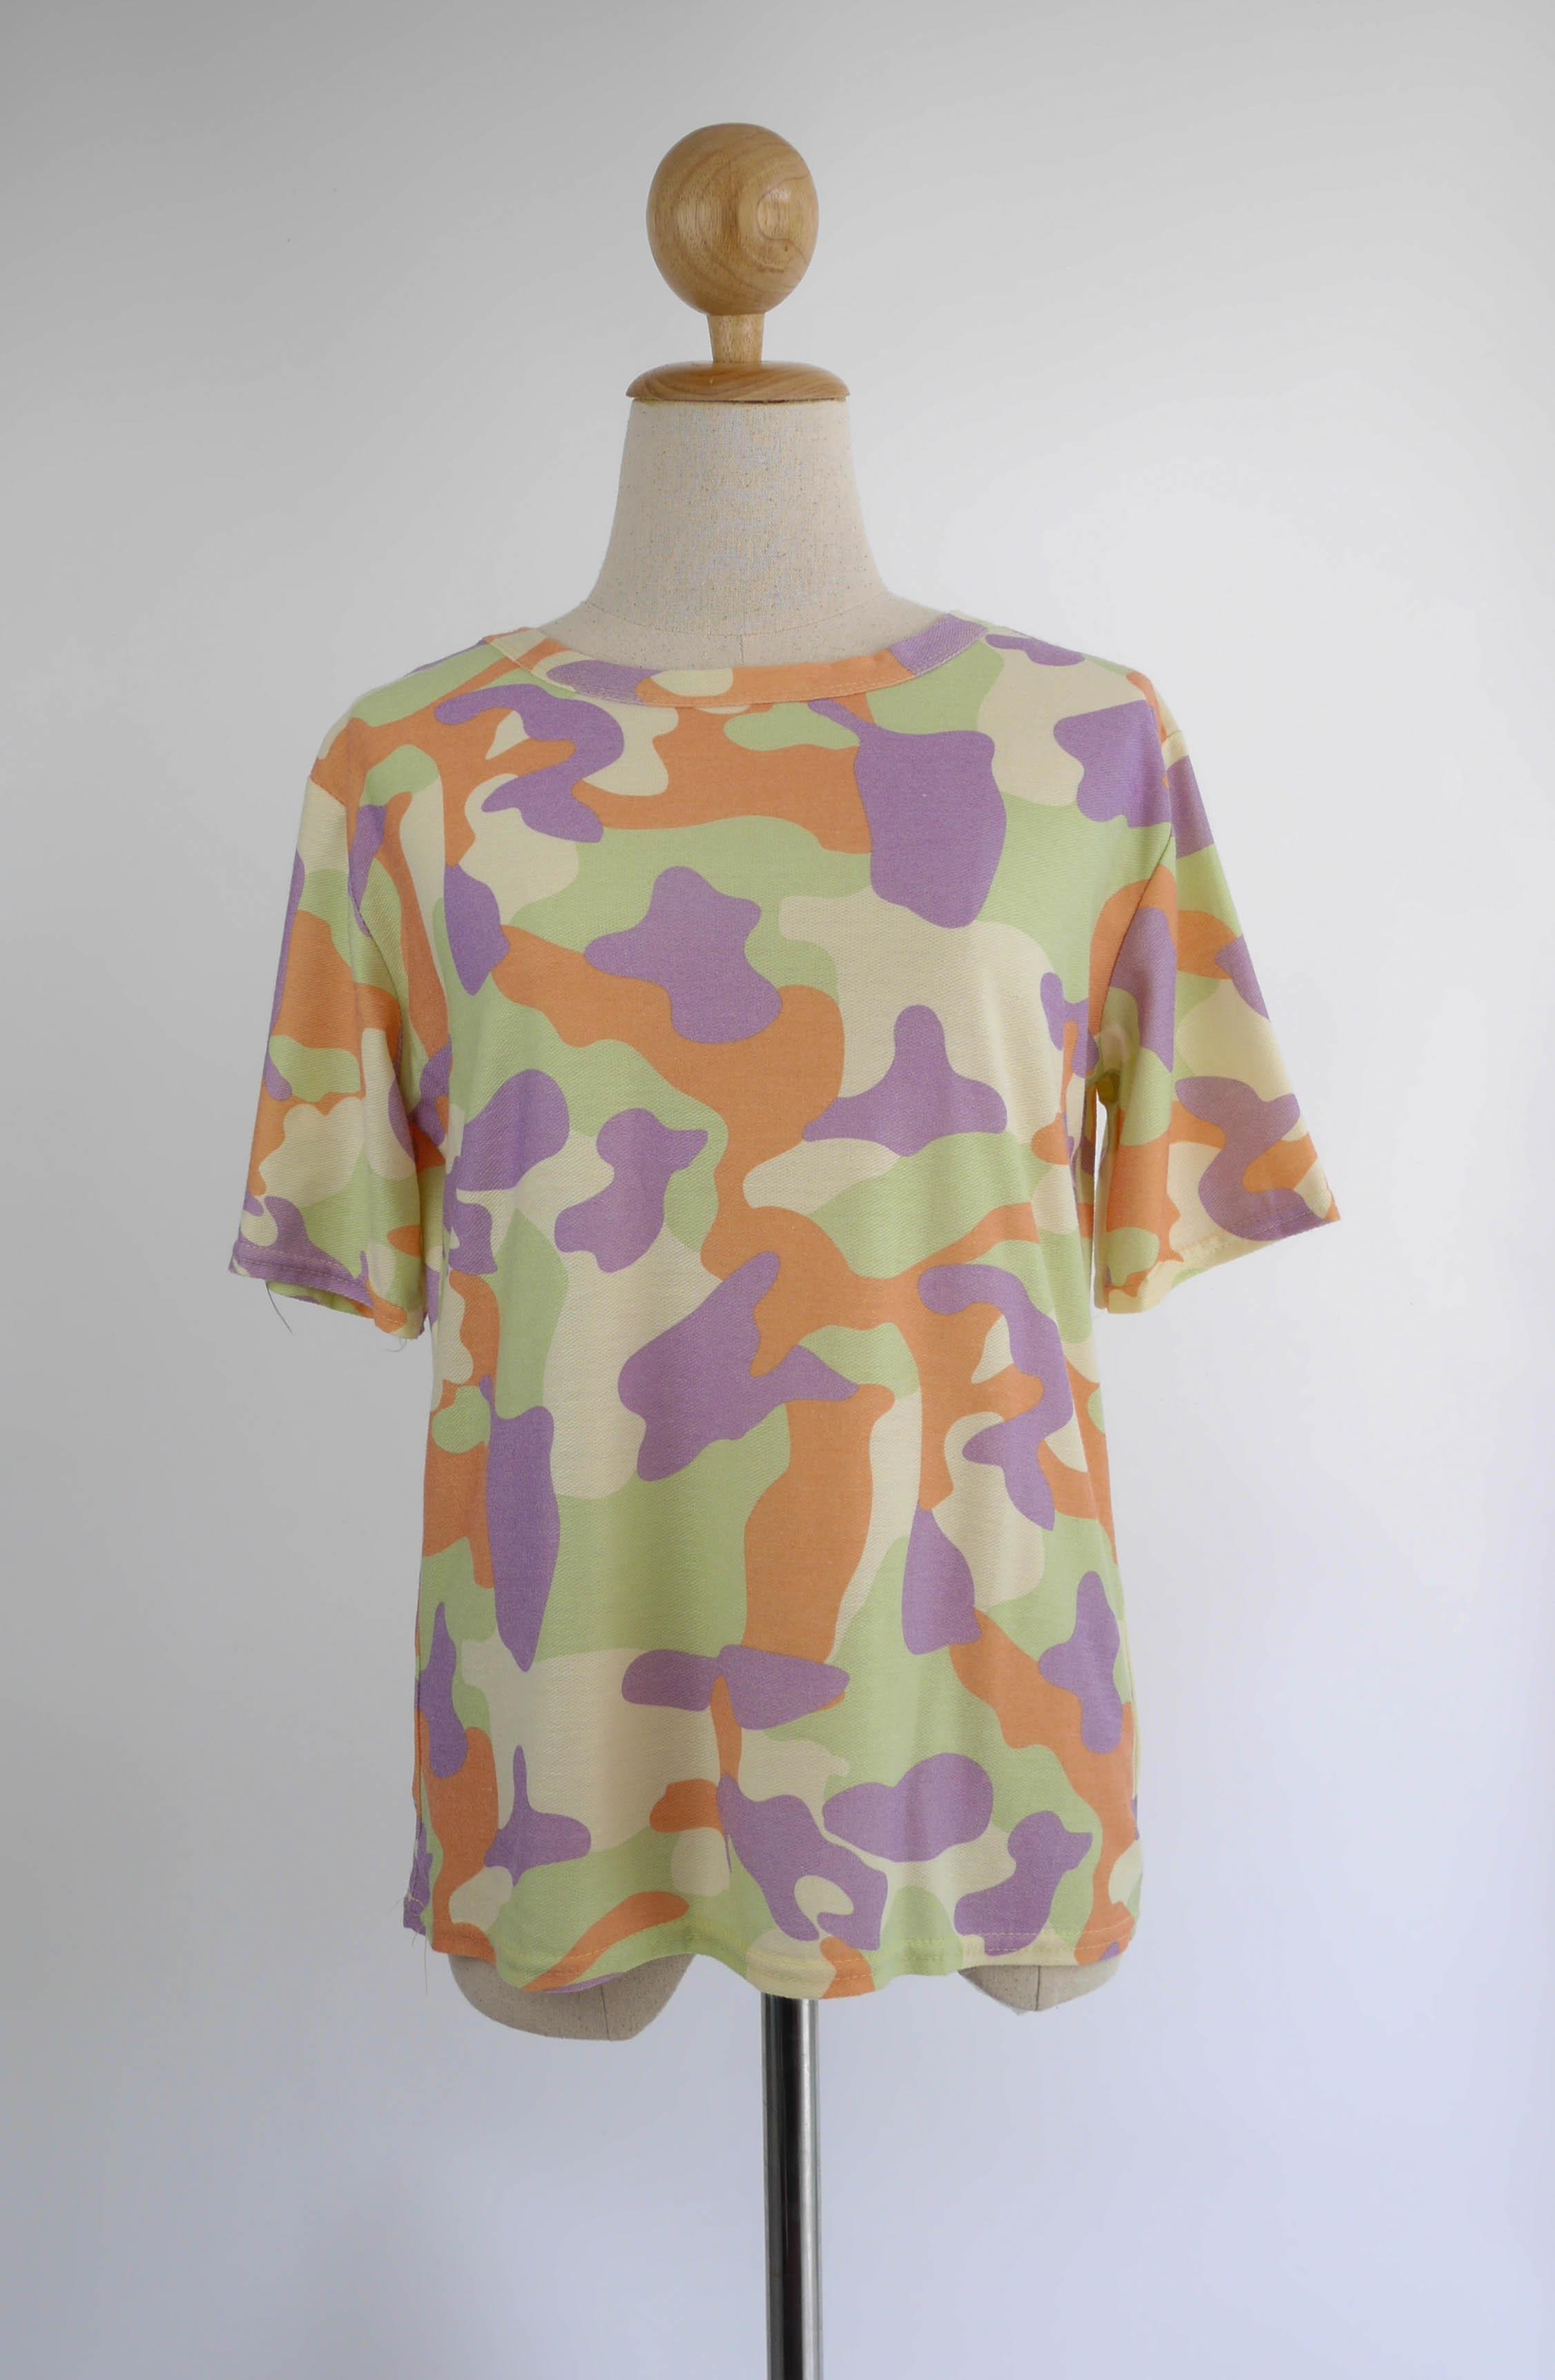 เสื้อยืดแฟชั่น ลายพรางทหาร สีเขียว